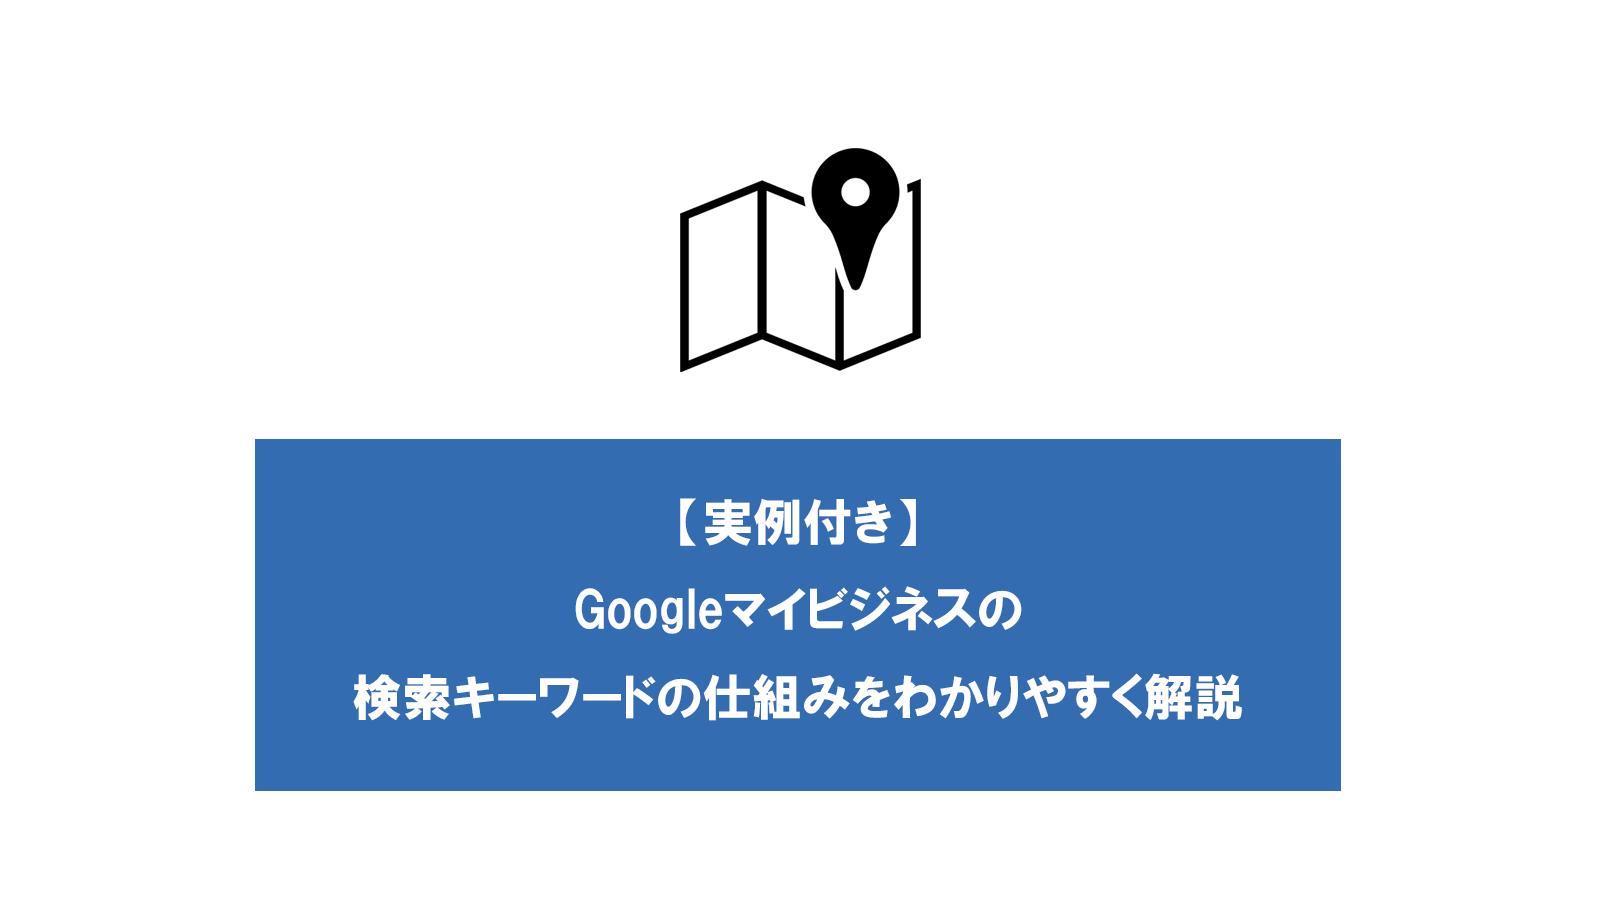 【実例付き】Googleマイビジネスの検索キーワードの仕組みをわかりやすく解説